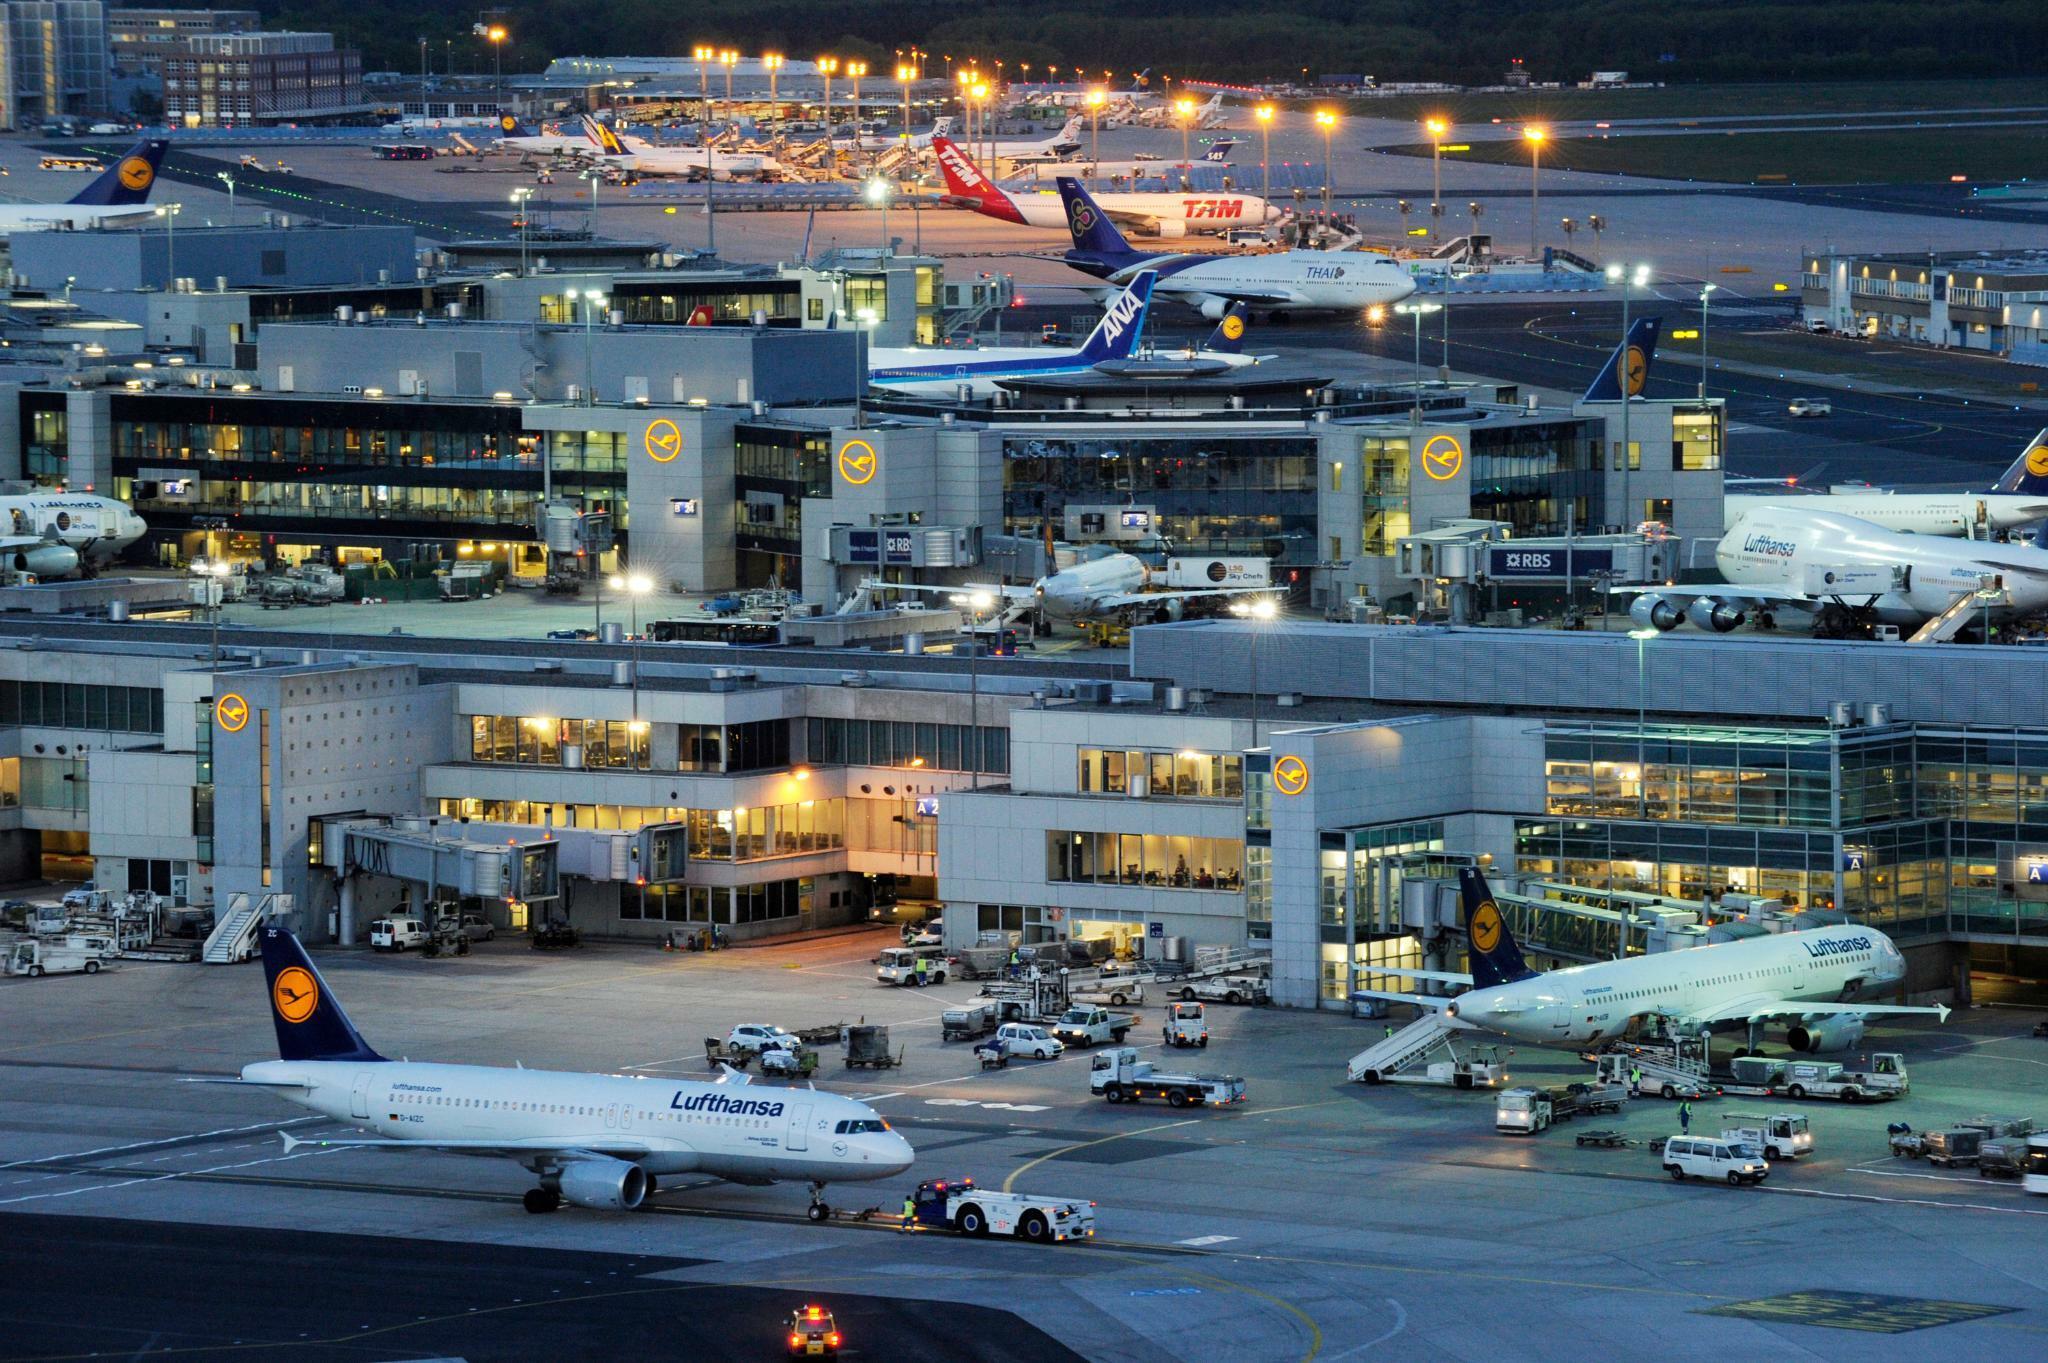 Keine Verletzten: Flugzeug-Zusammenstoß auf Frankfurter Flughafen verläuft glimpflich